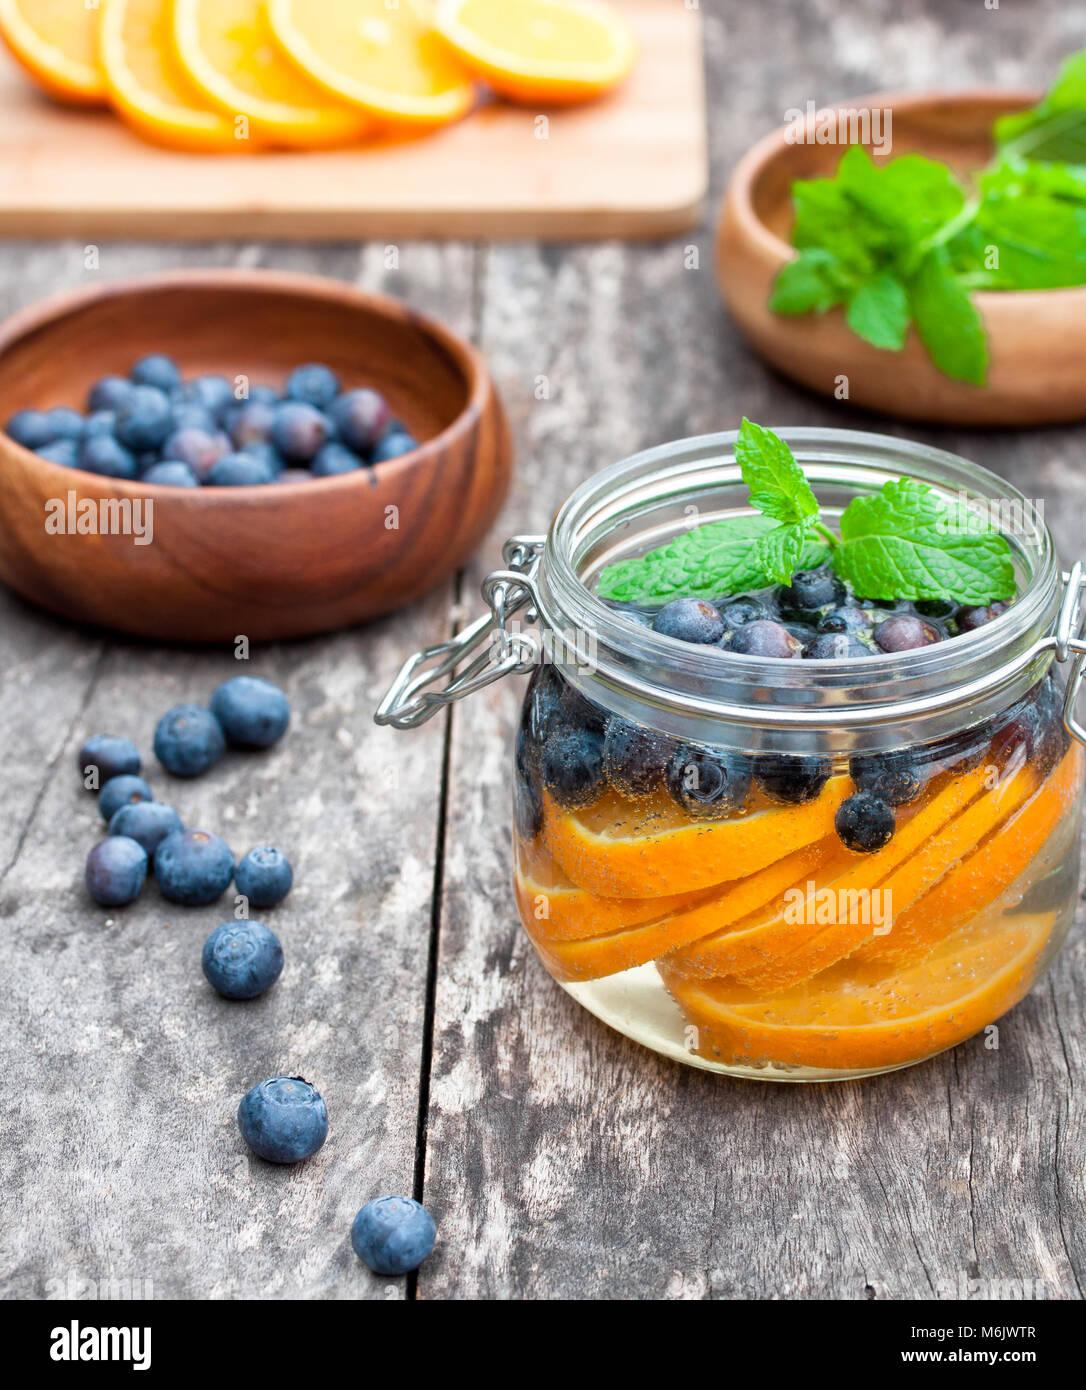 Bebidas de frutas caseras con bayas naranjas y menta Imagen De Stock